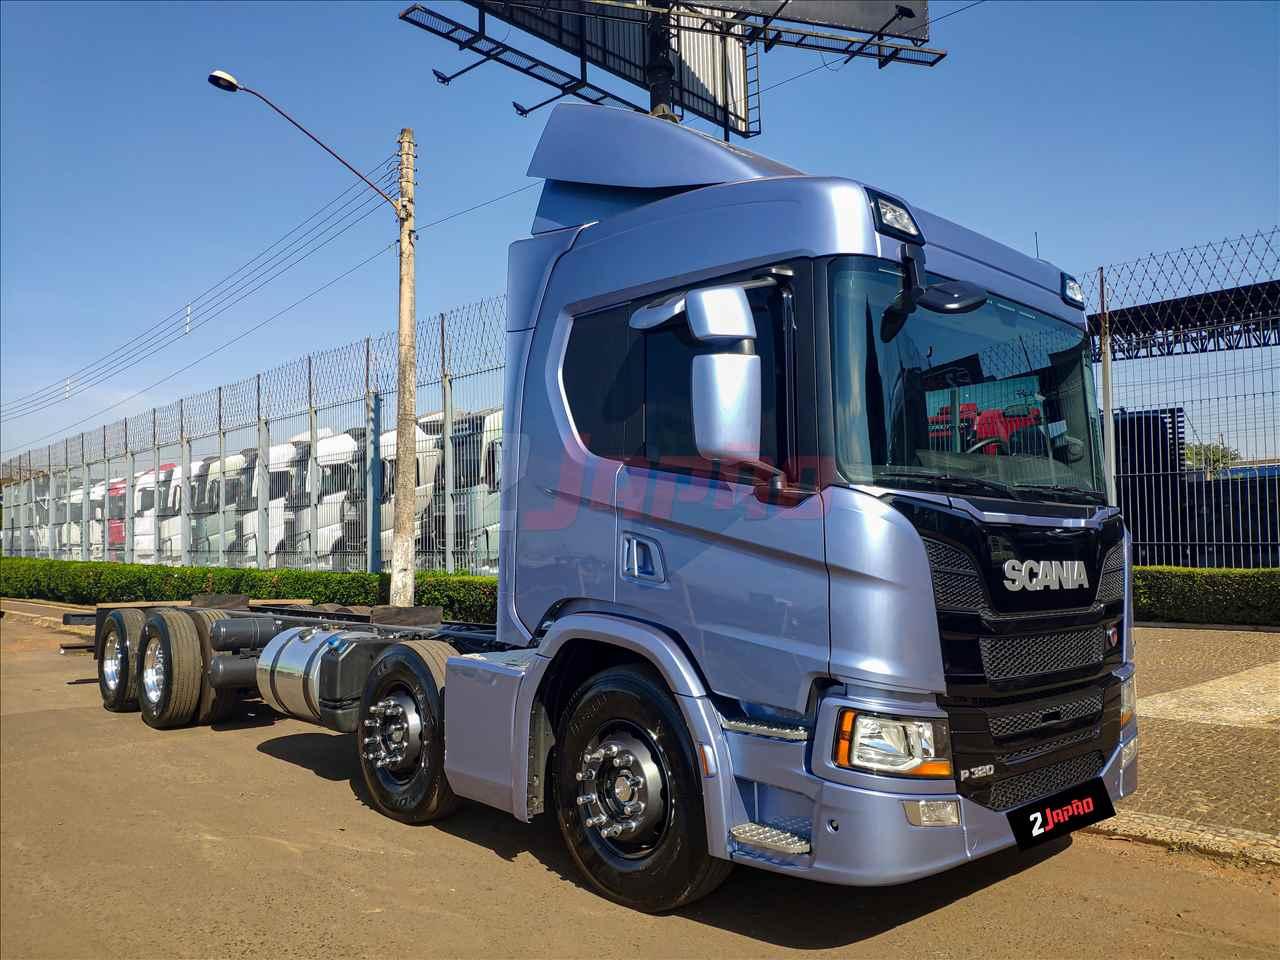 SCANIA 320 de 2 Japão Caminhões e Carretas - SUMARE/SP